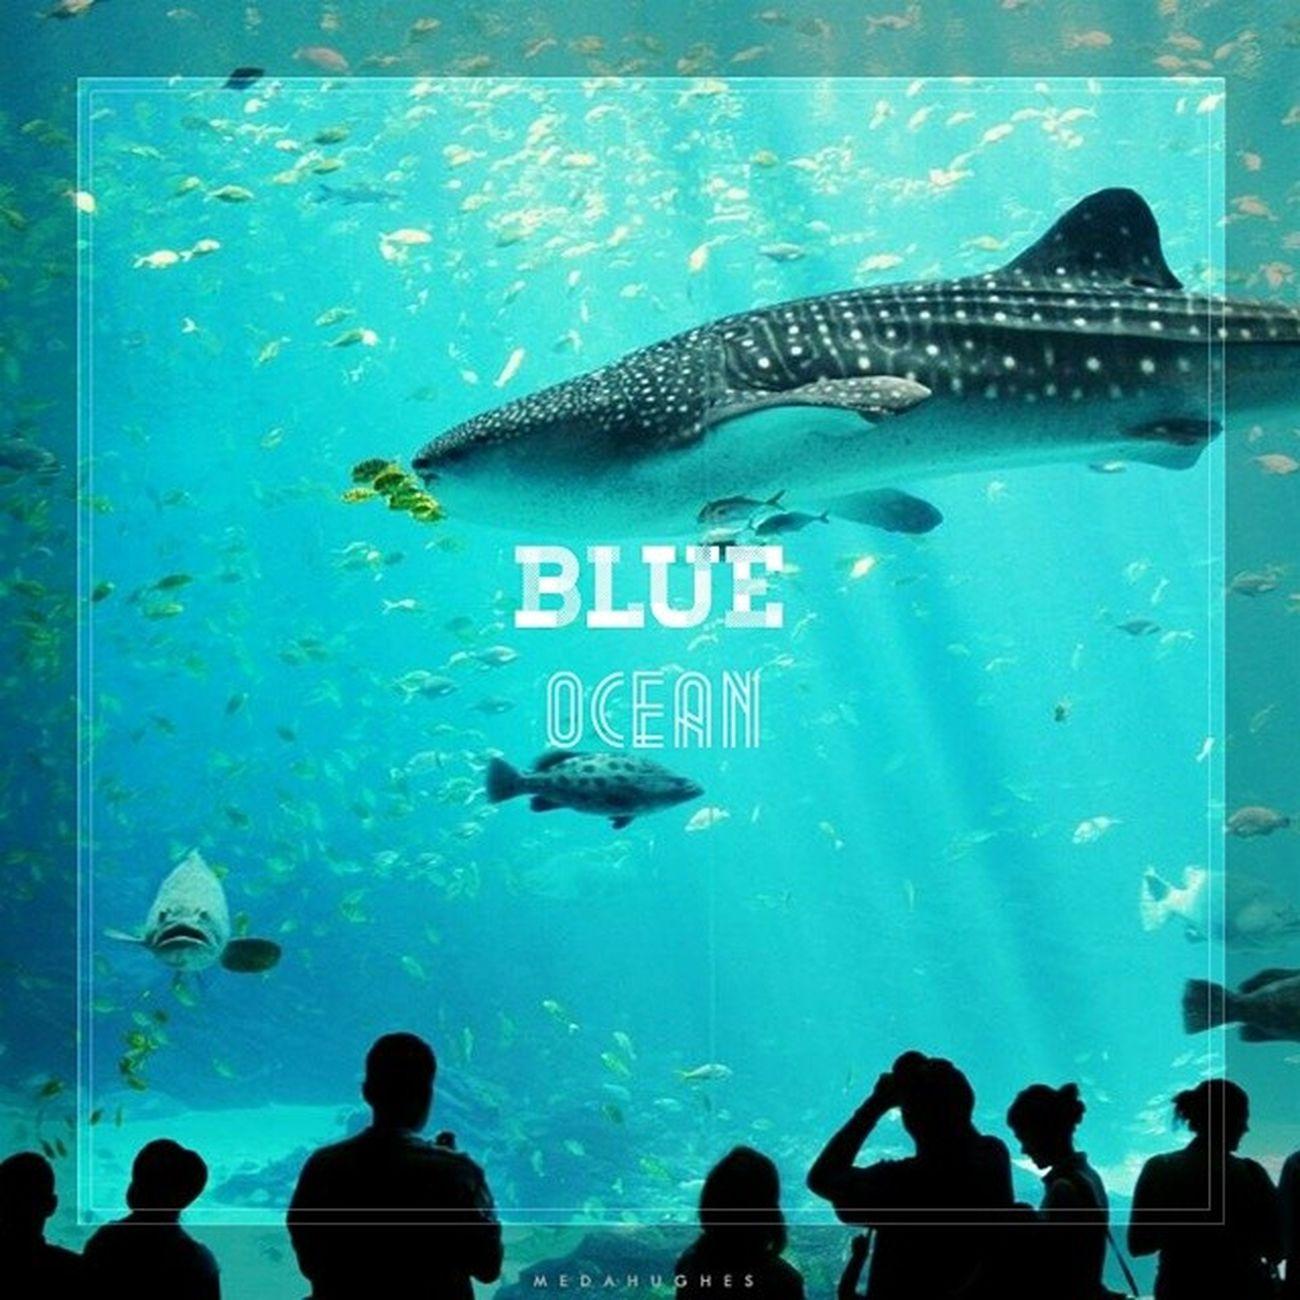 Blue Ocean Blueocean Piclab i love blue ocean 😁